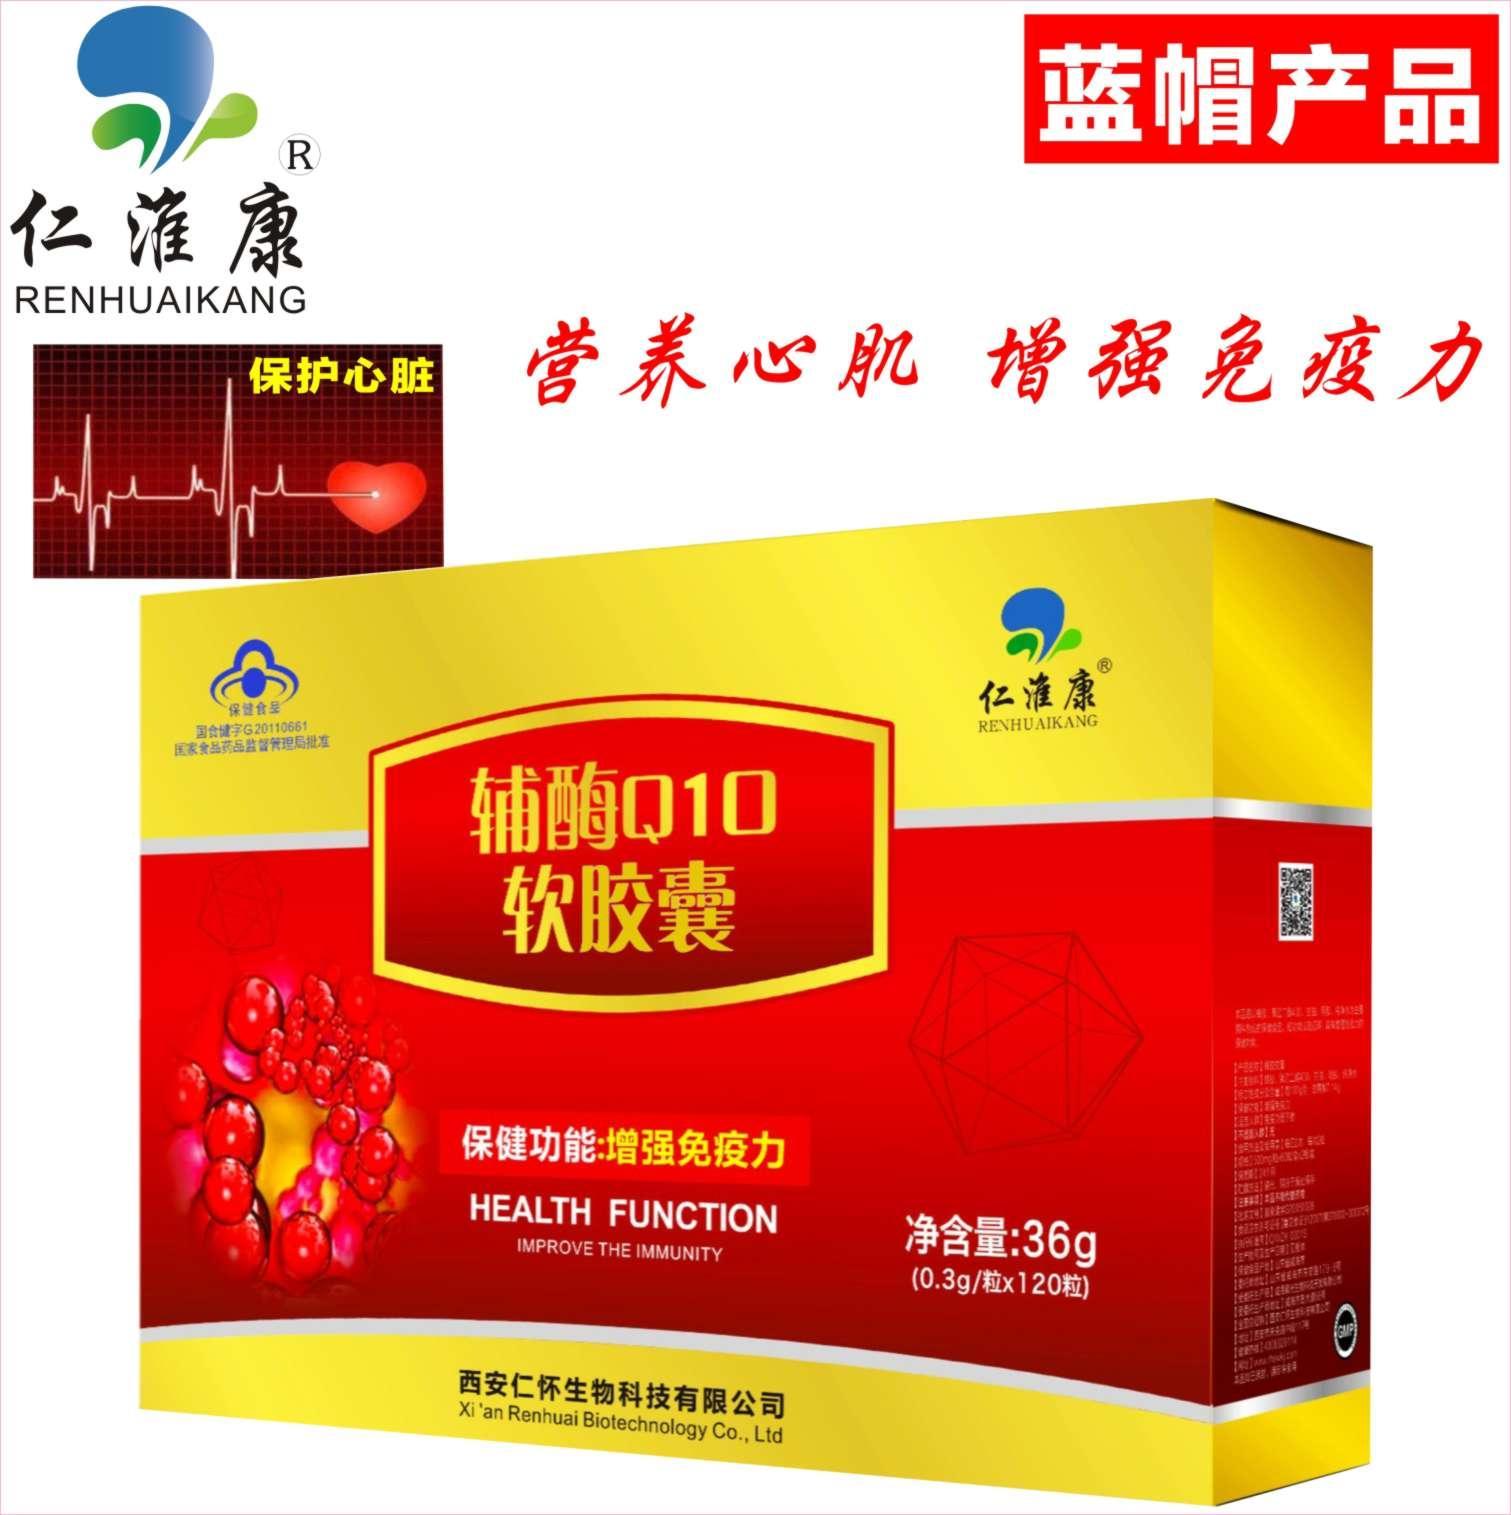 仁淮康辅酶Q10软胶囊产品招商  增强心脏功能 提高免疫力